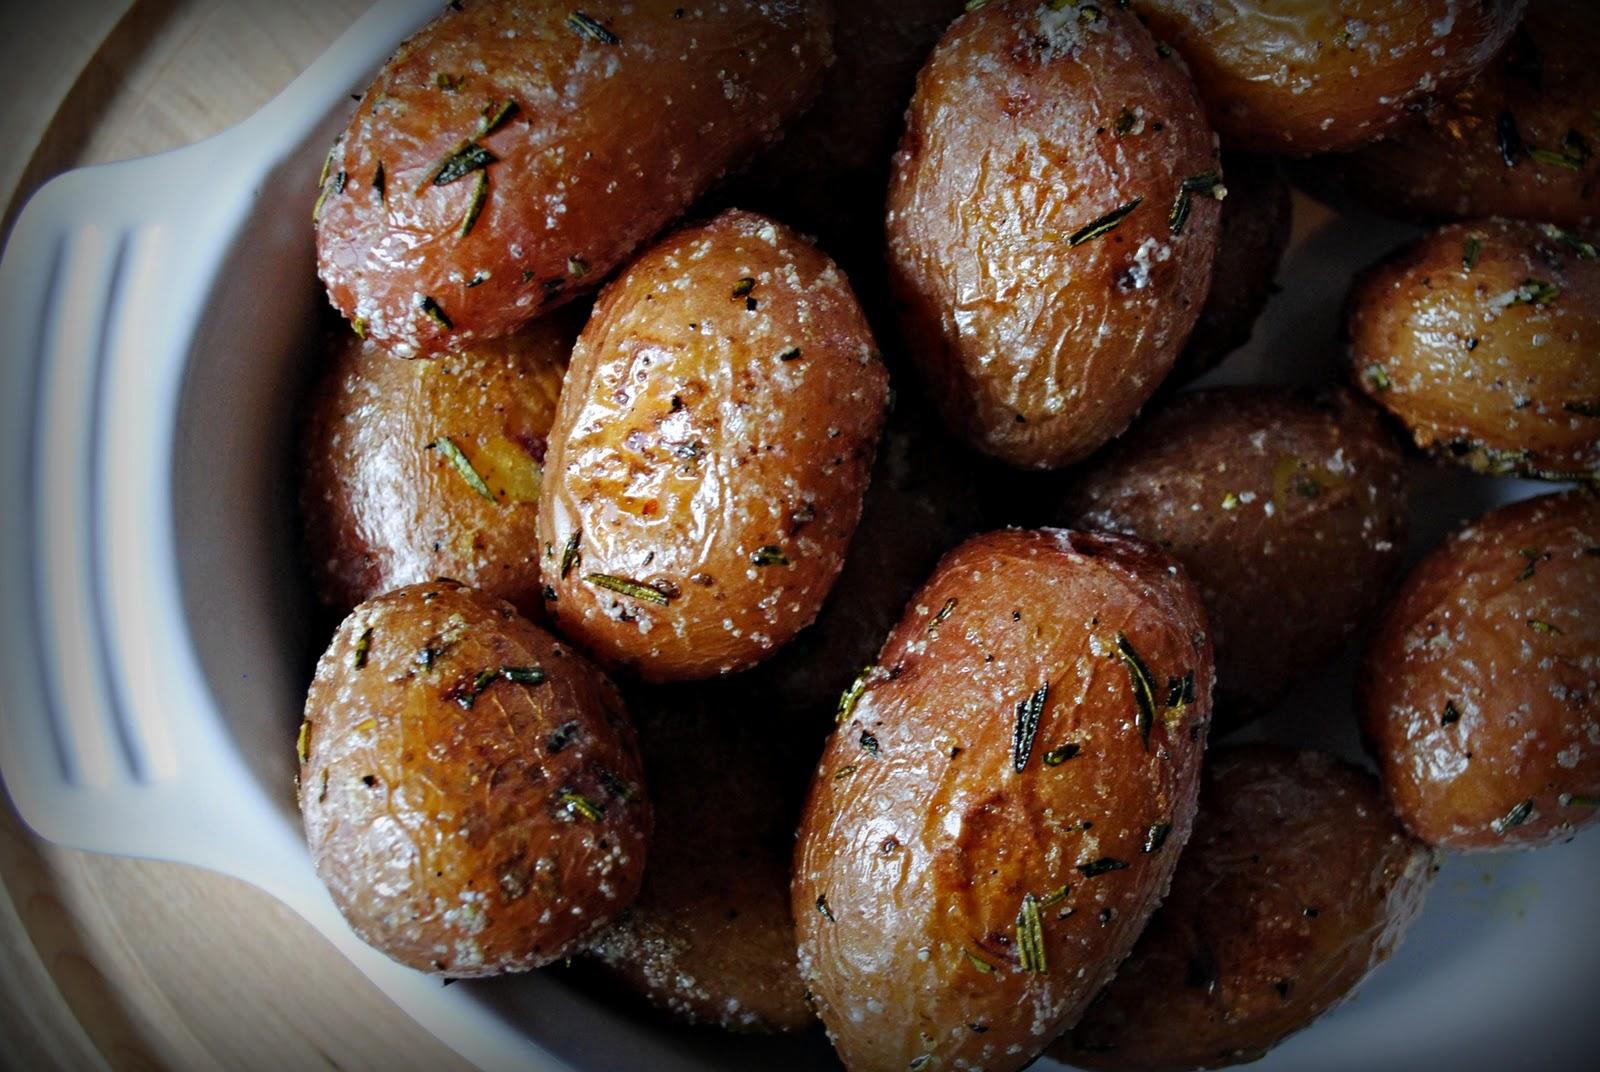 Картофель духовке целиком рецепт с фото